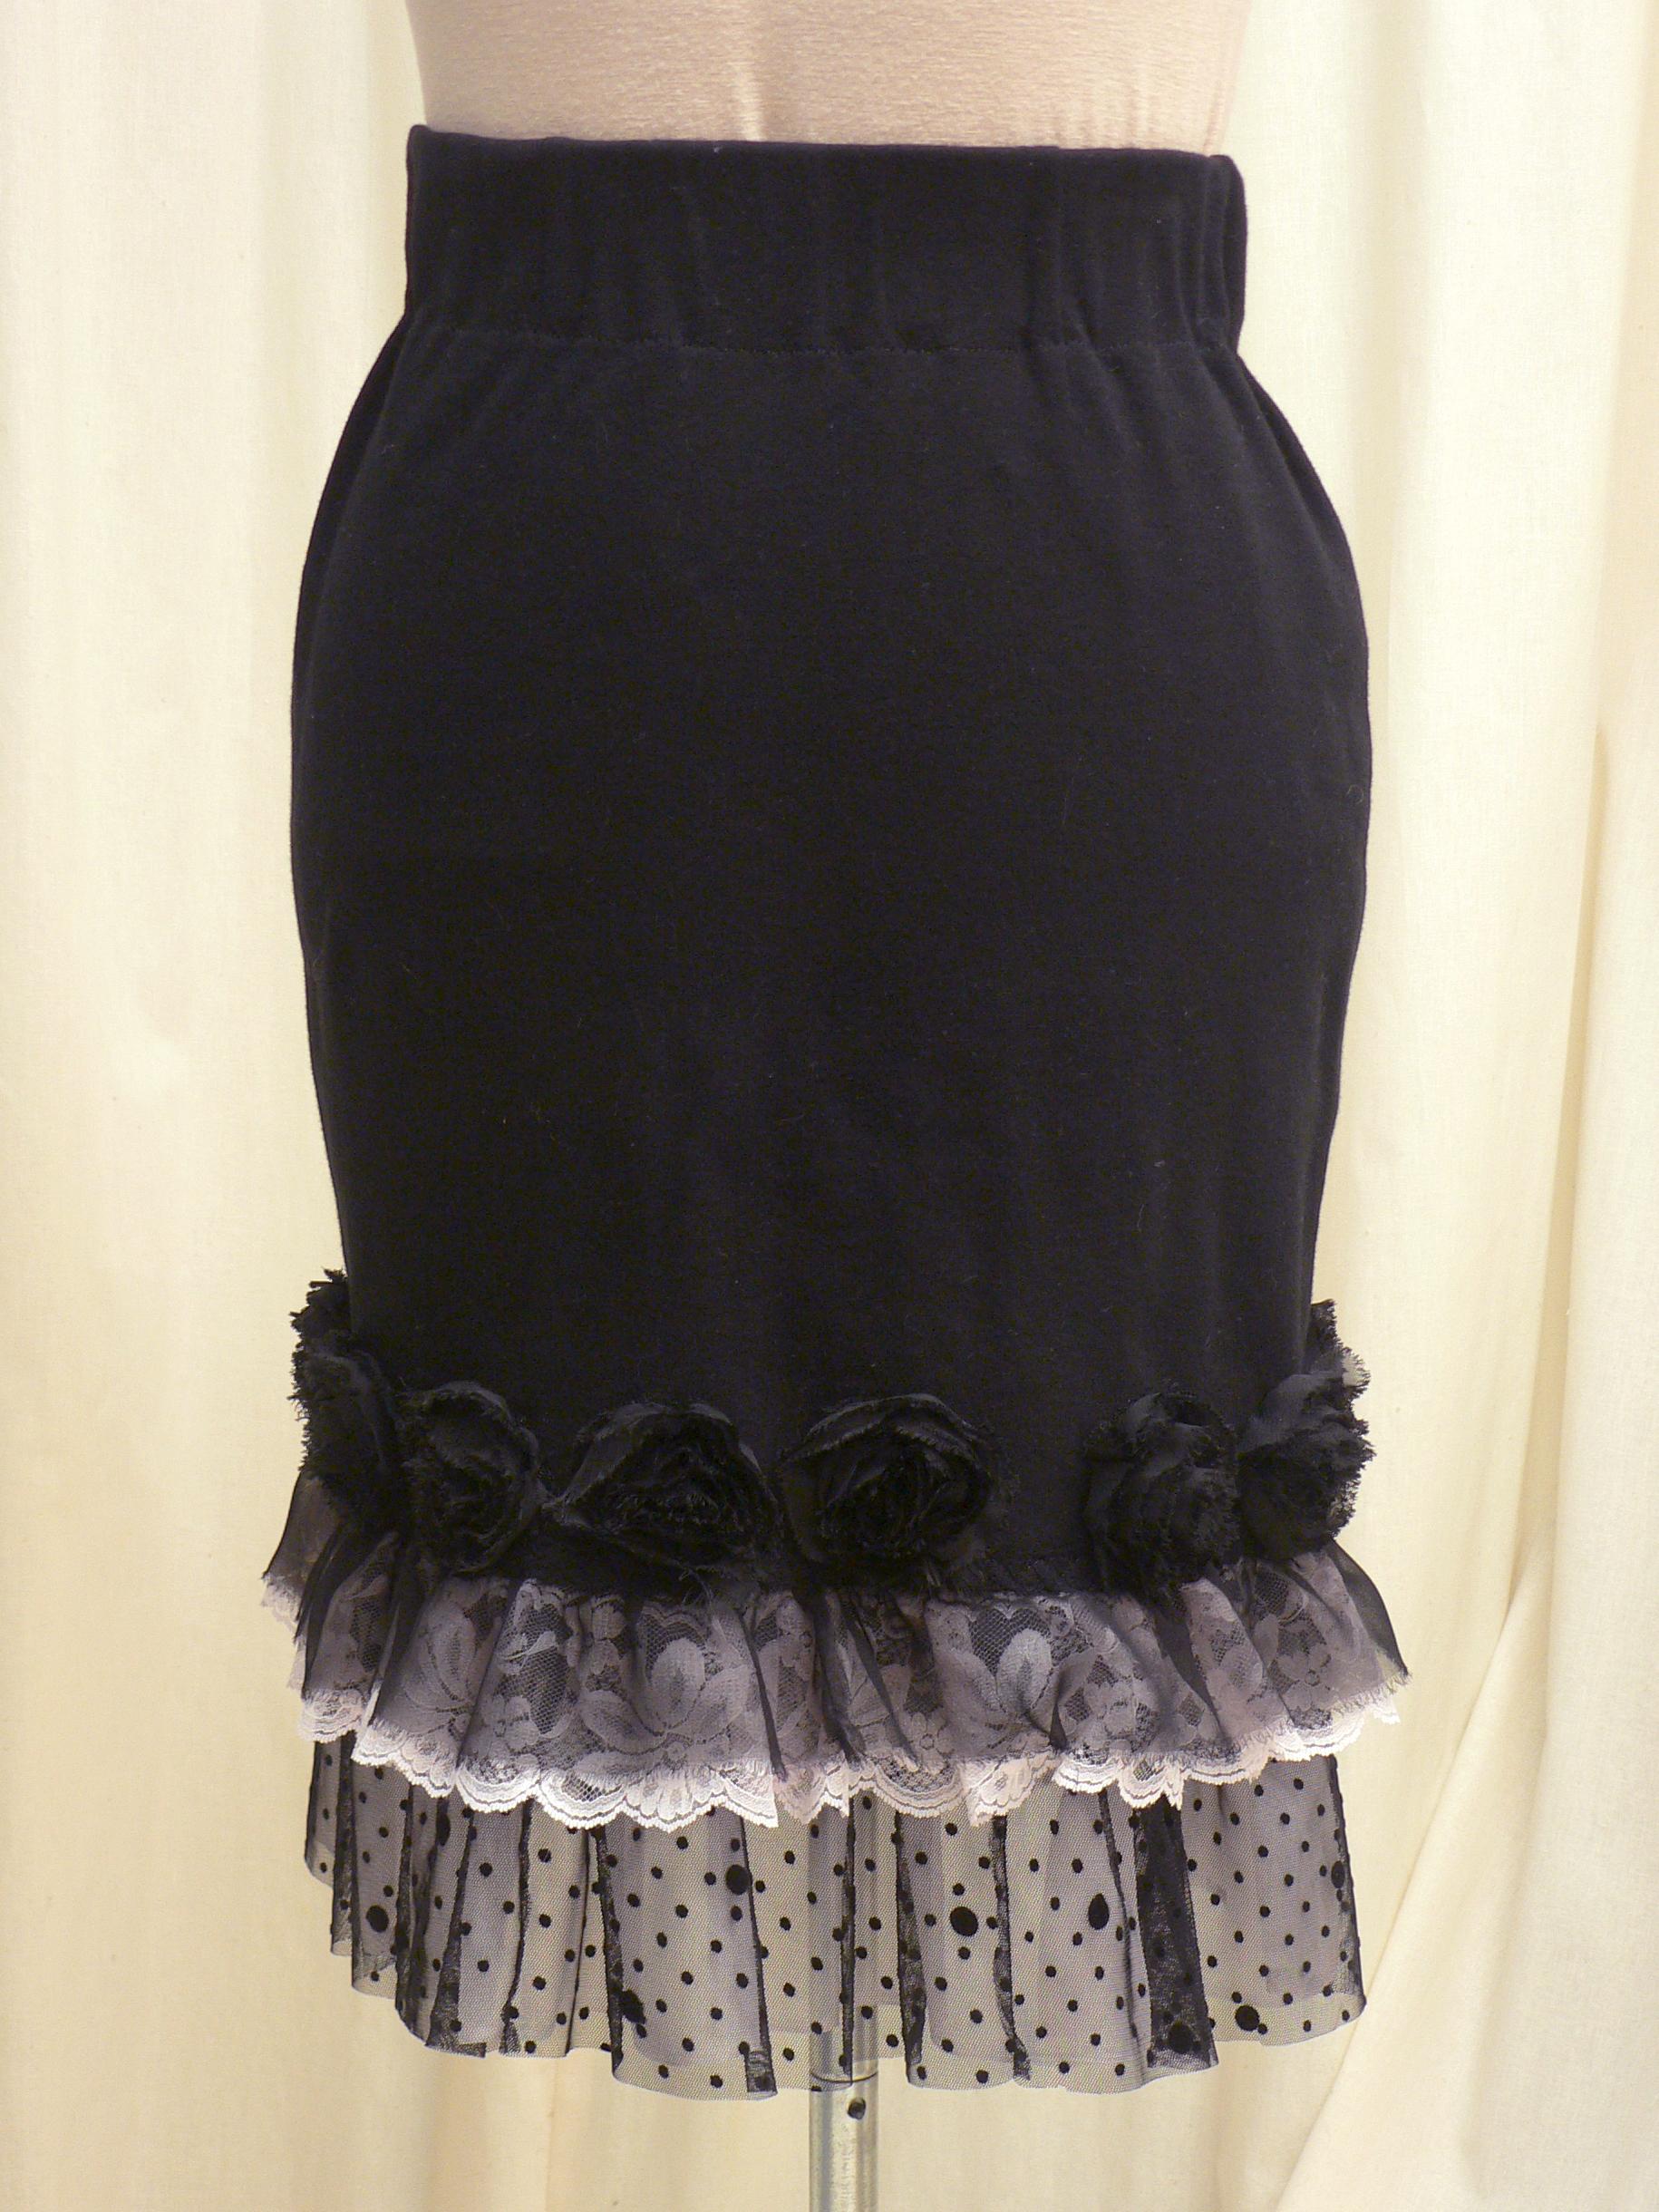 skirt11_front.jpg